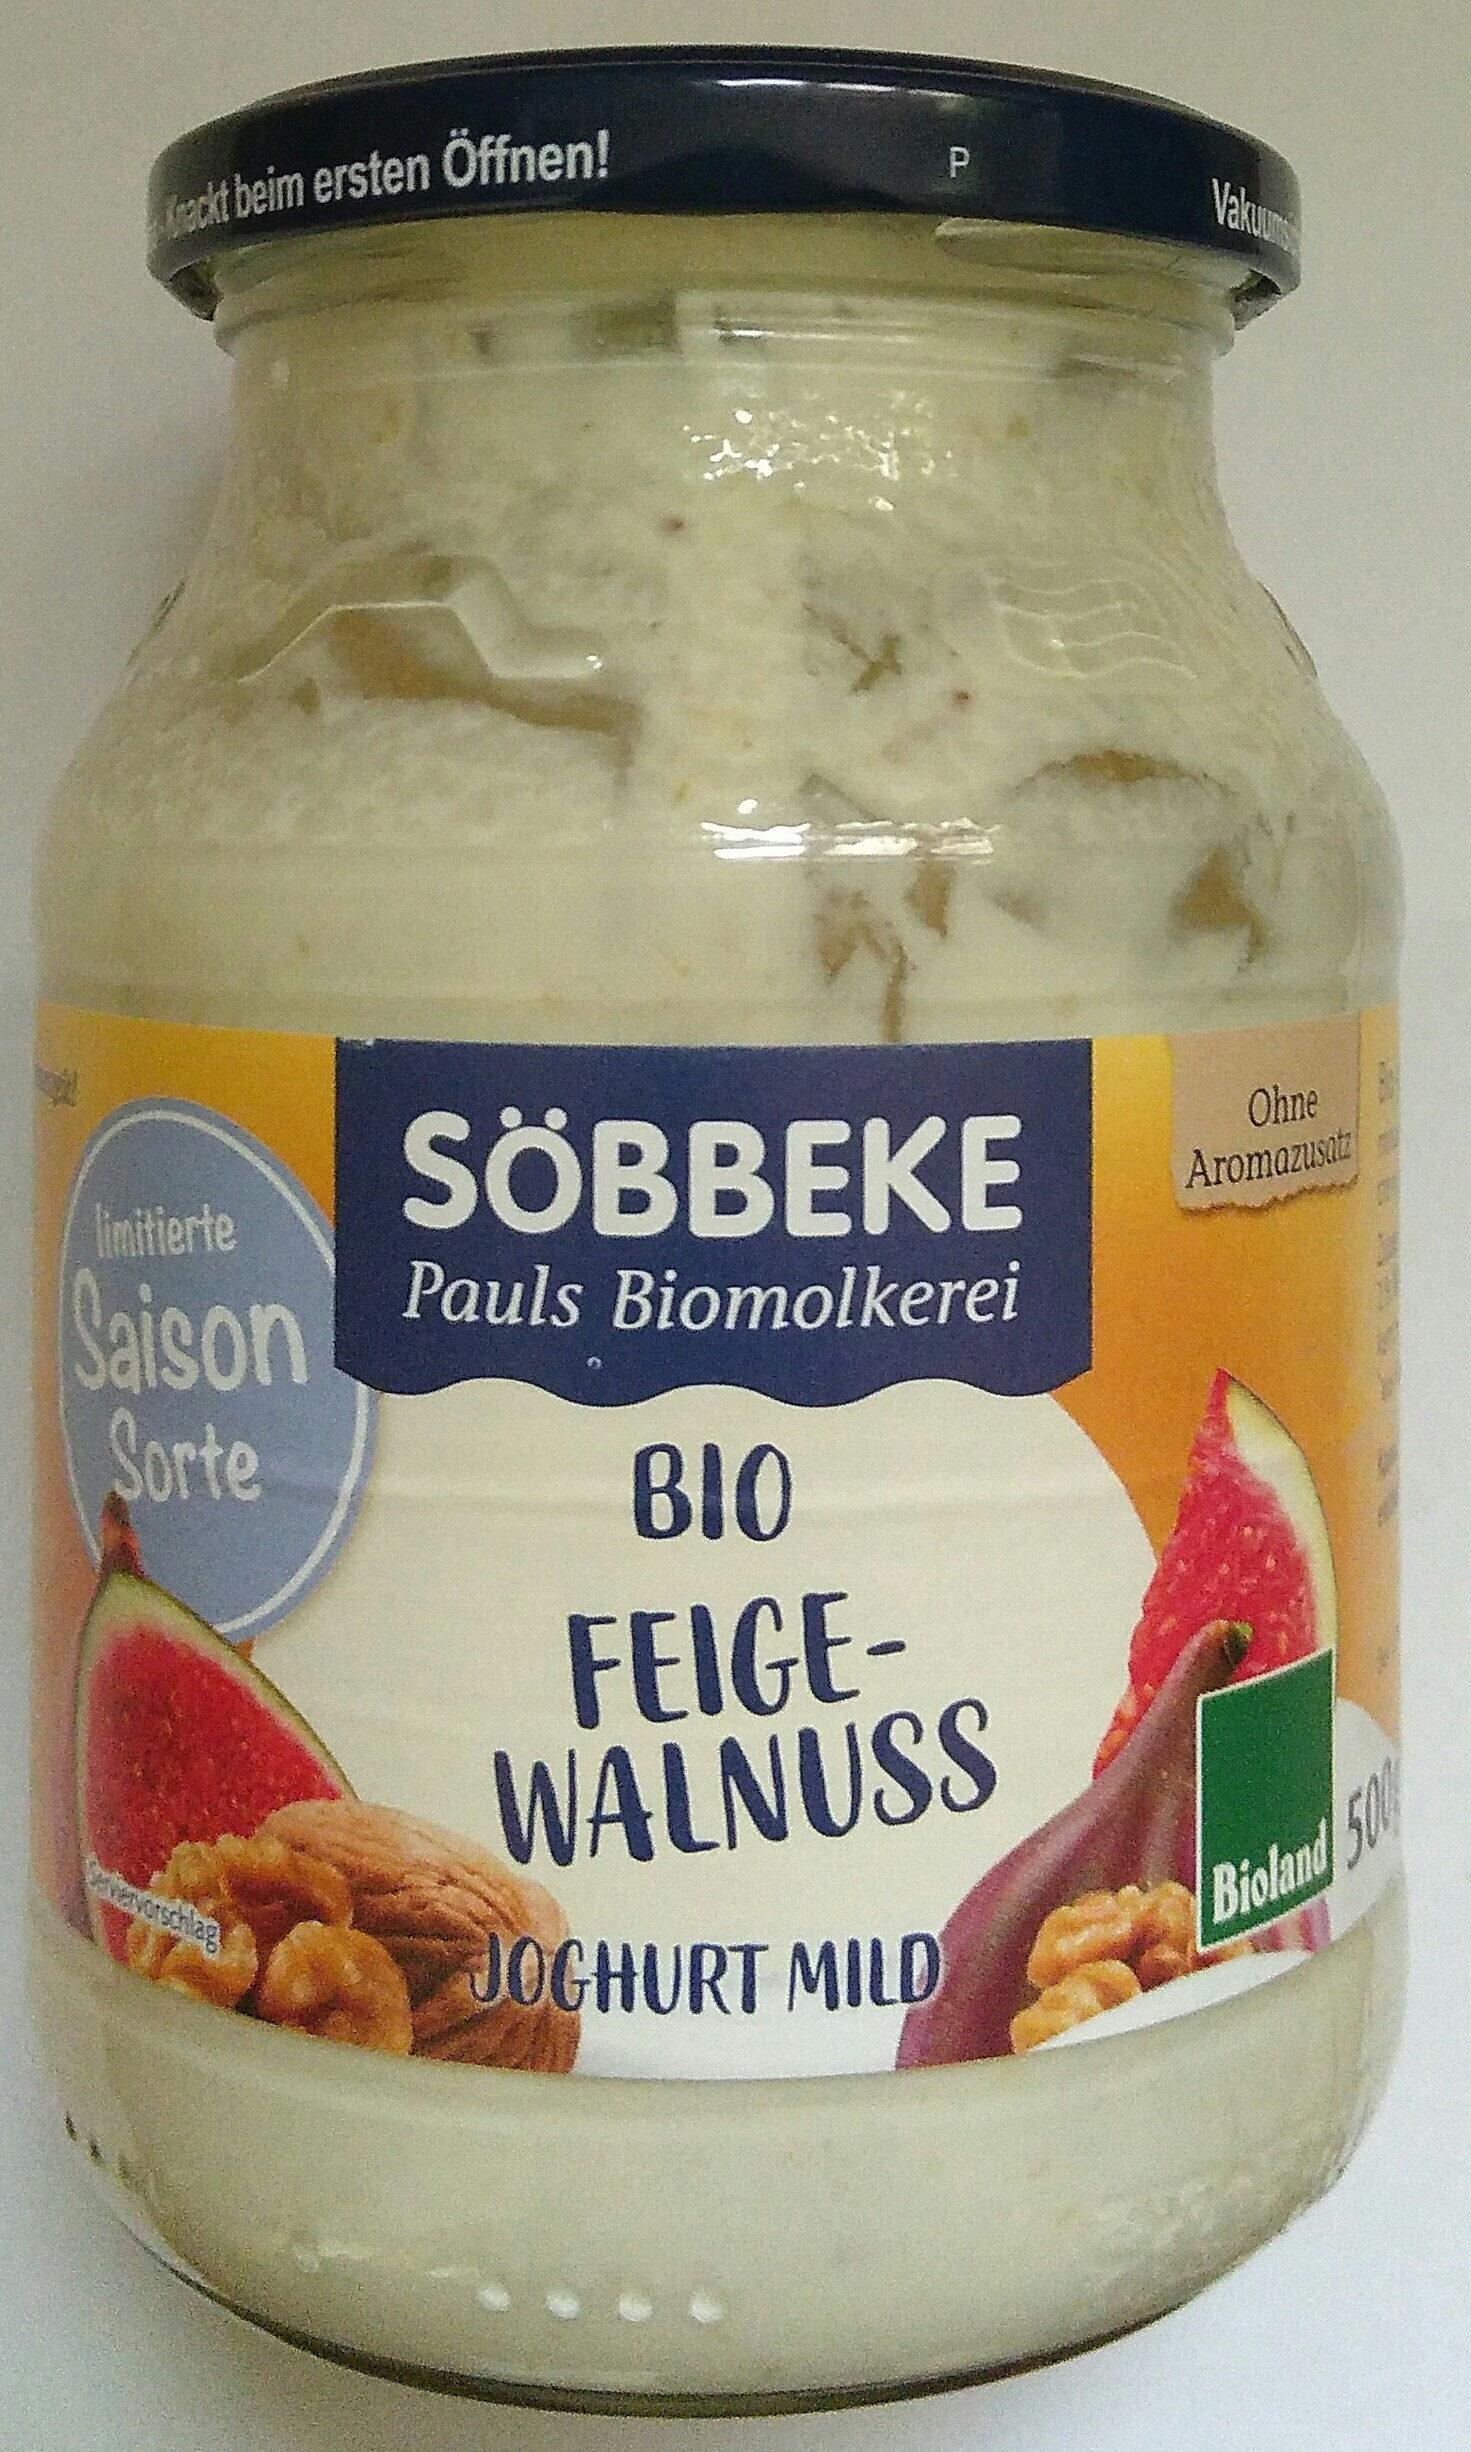 Bio Feige-Walnuss Joghurt mild - Product - de